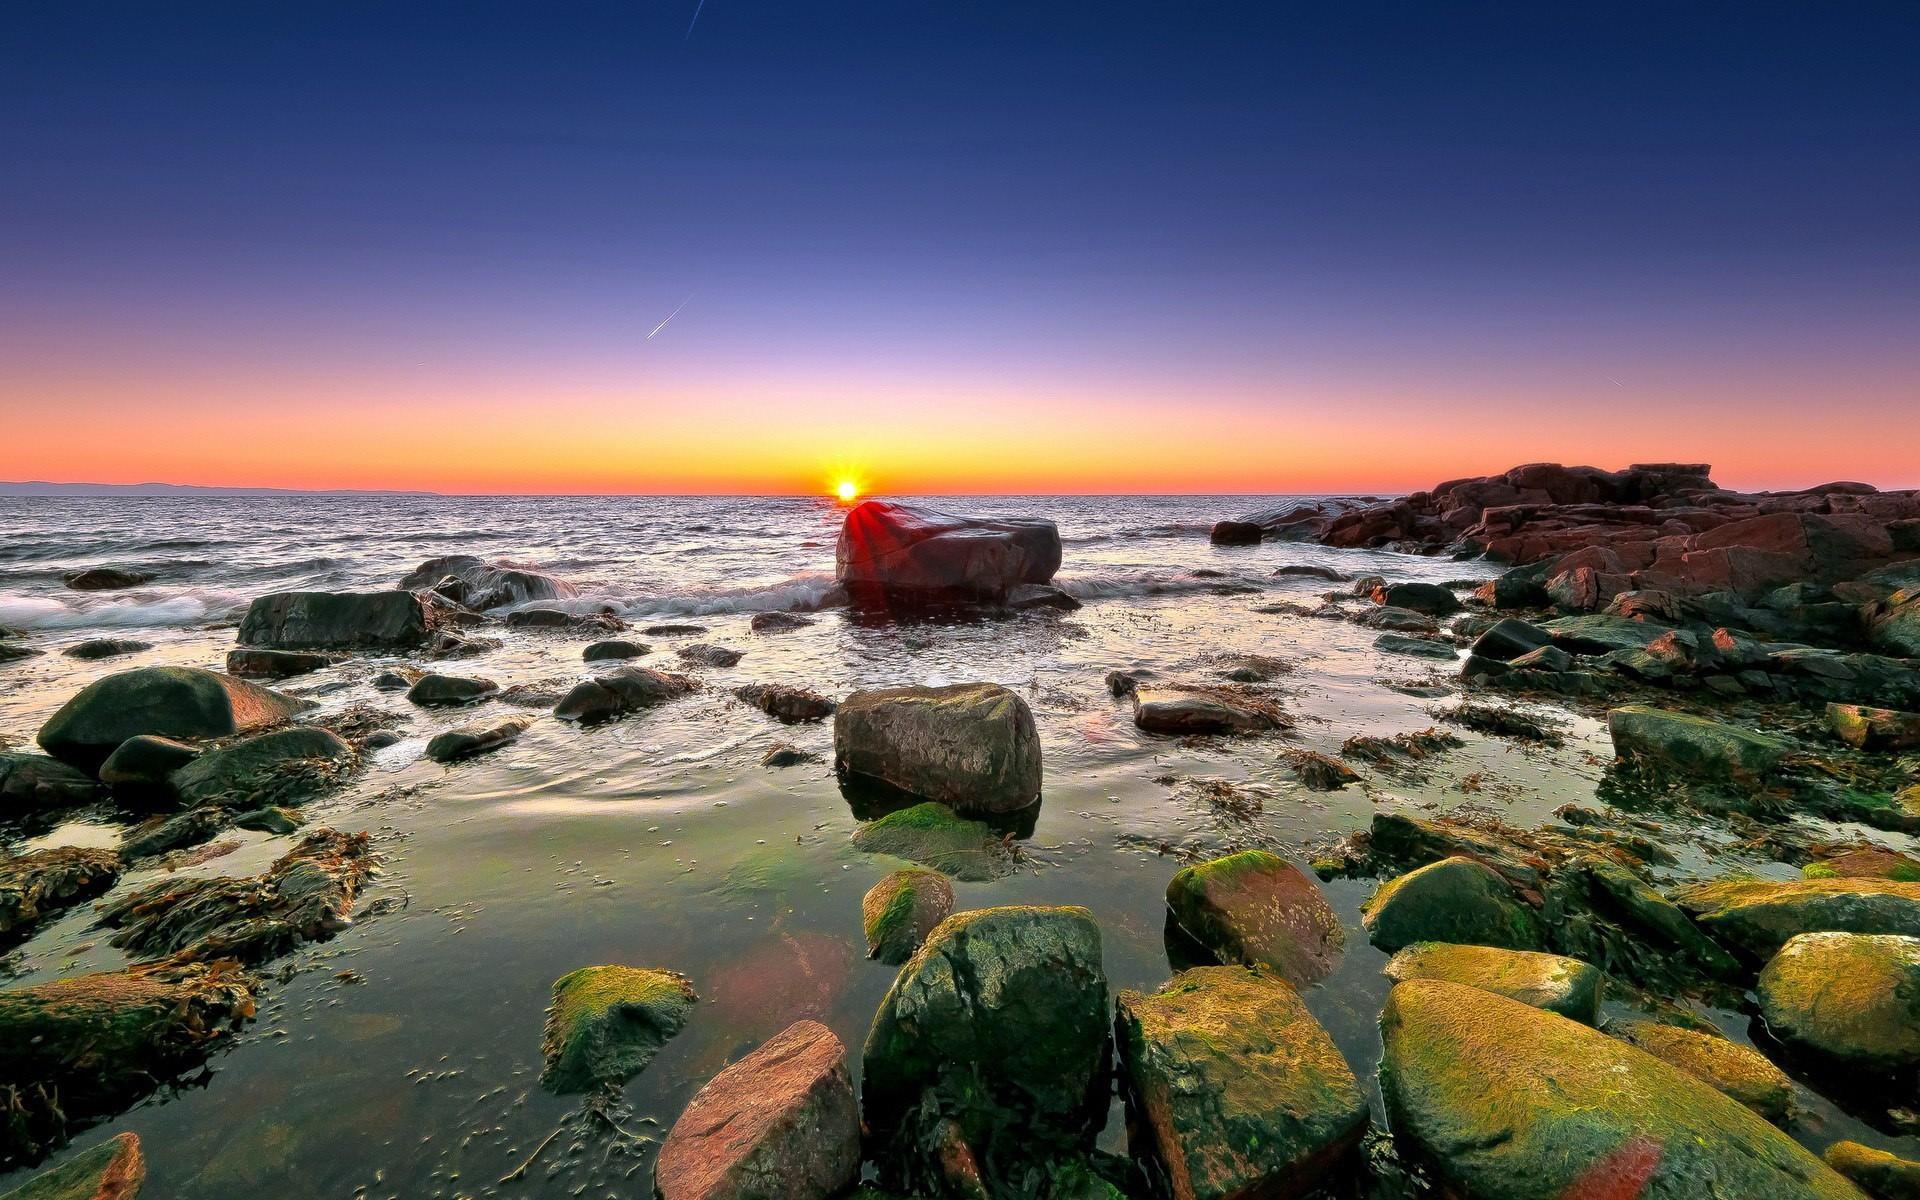 скала море солнце  № 673155 загрузить